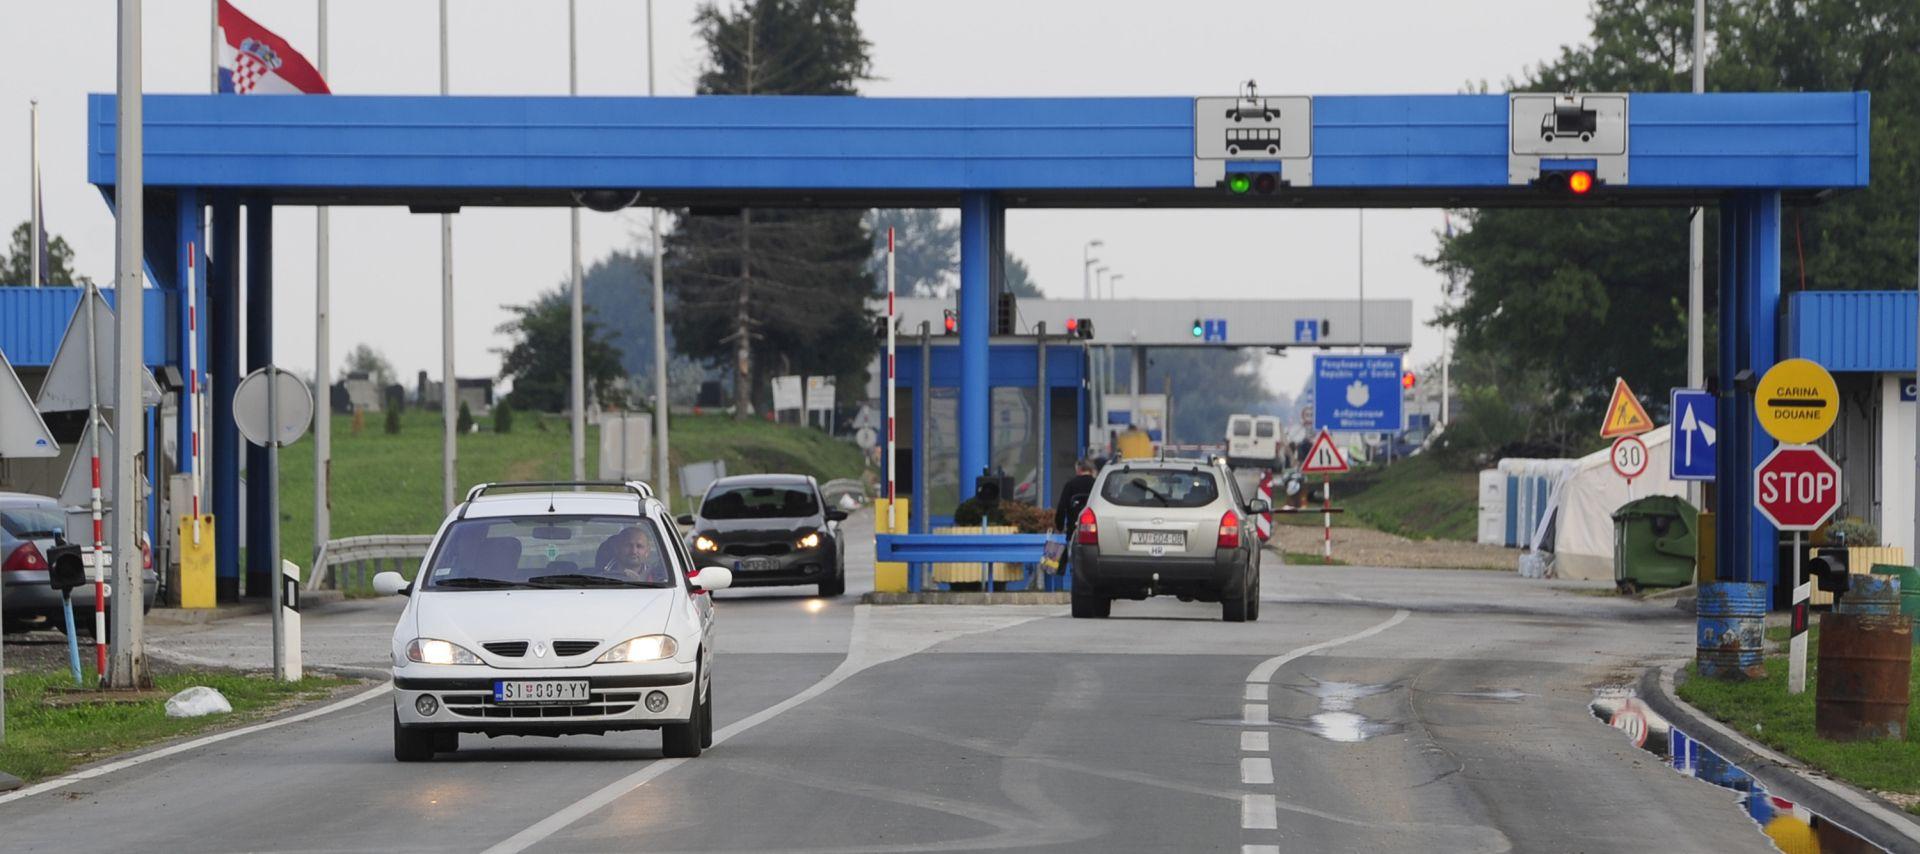 Slovenija odbacila mogućnost zajedničke kontrole s Austrijom i Njemačkome